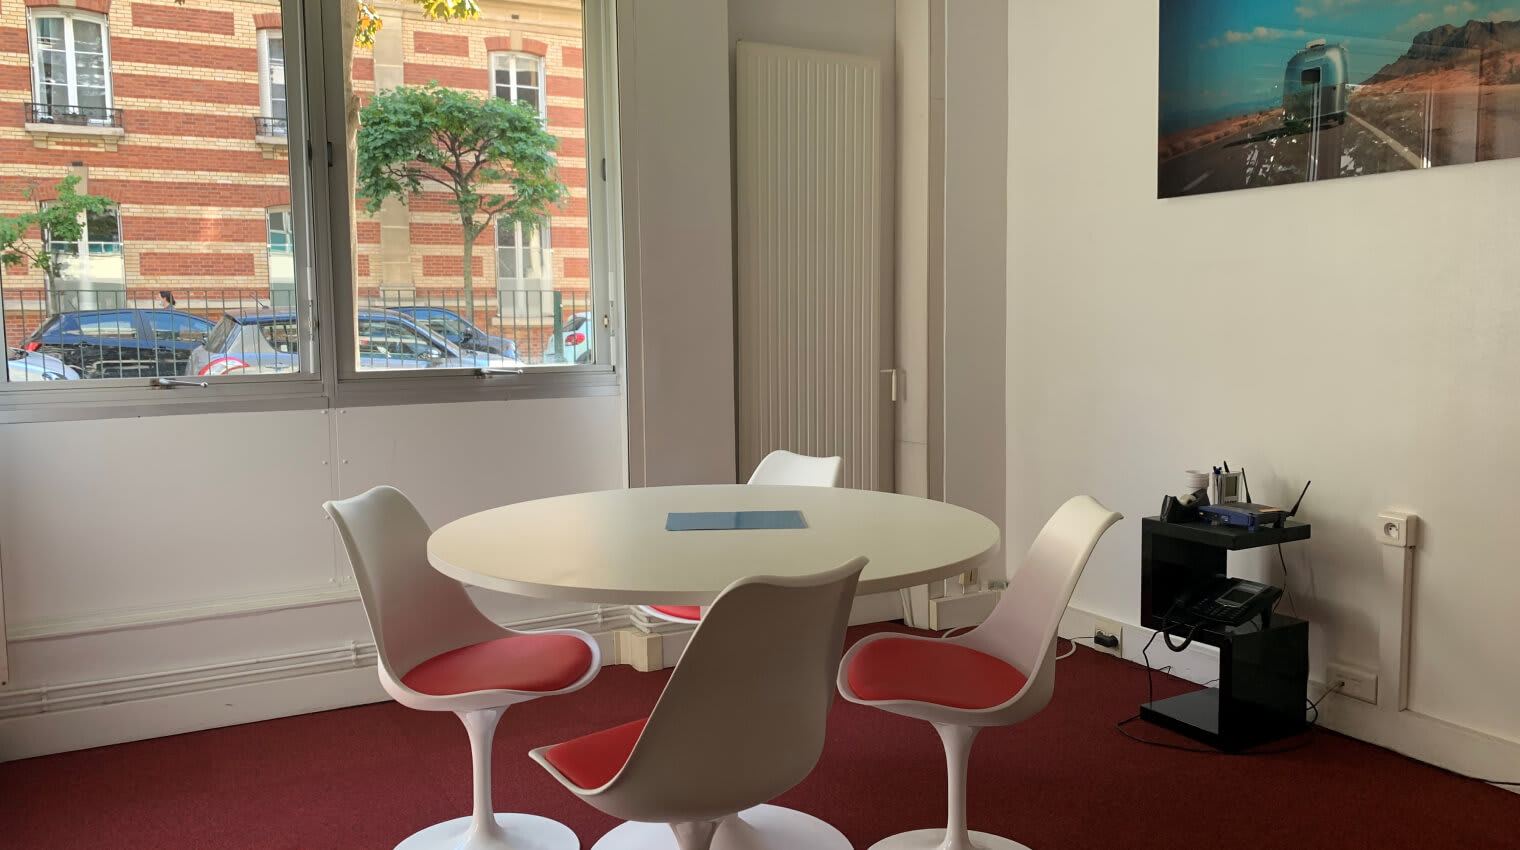 Profitez du bureaux modernes pour vous concentrer sur votre projet.